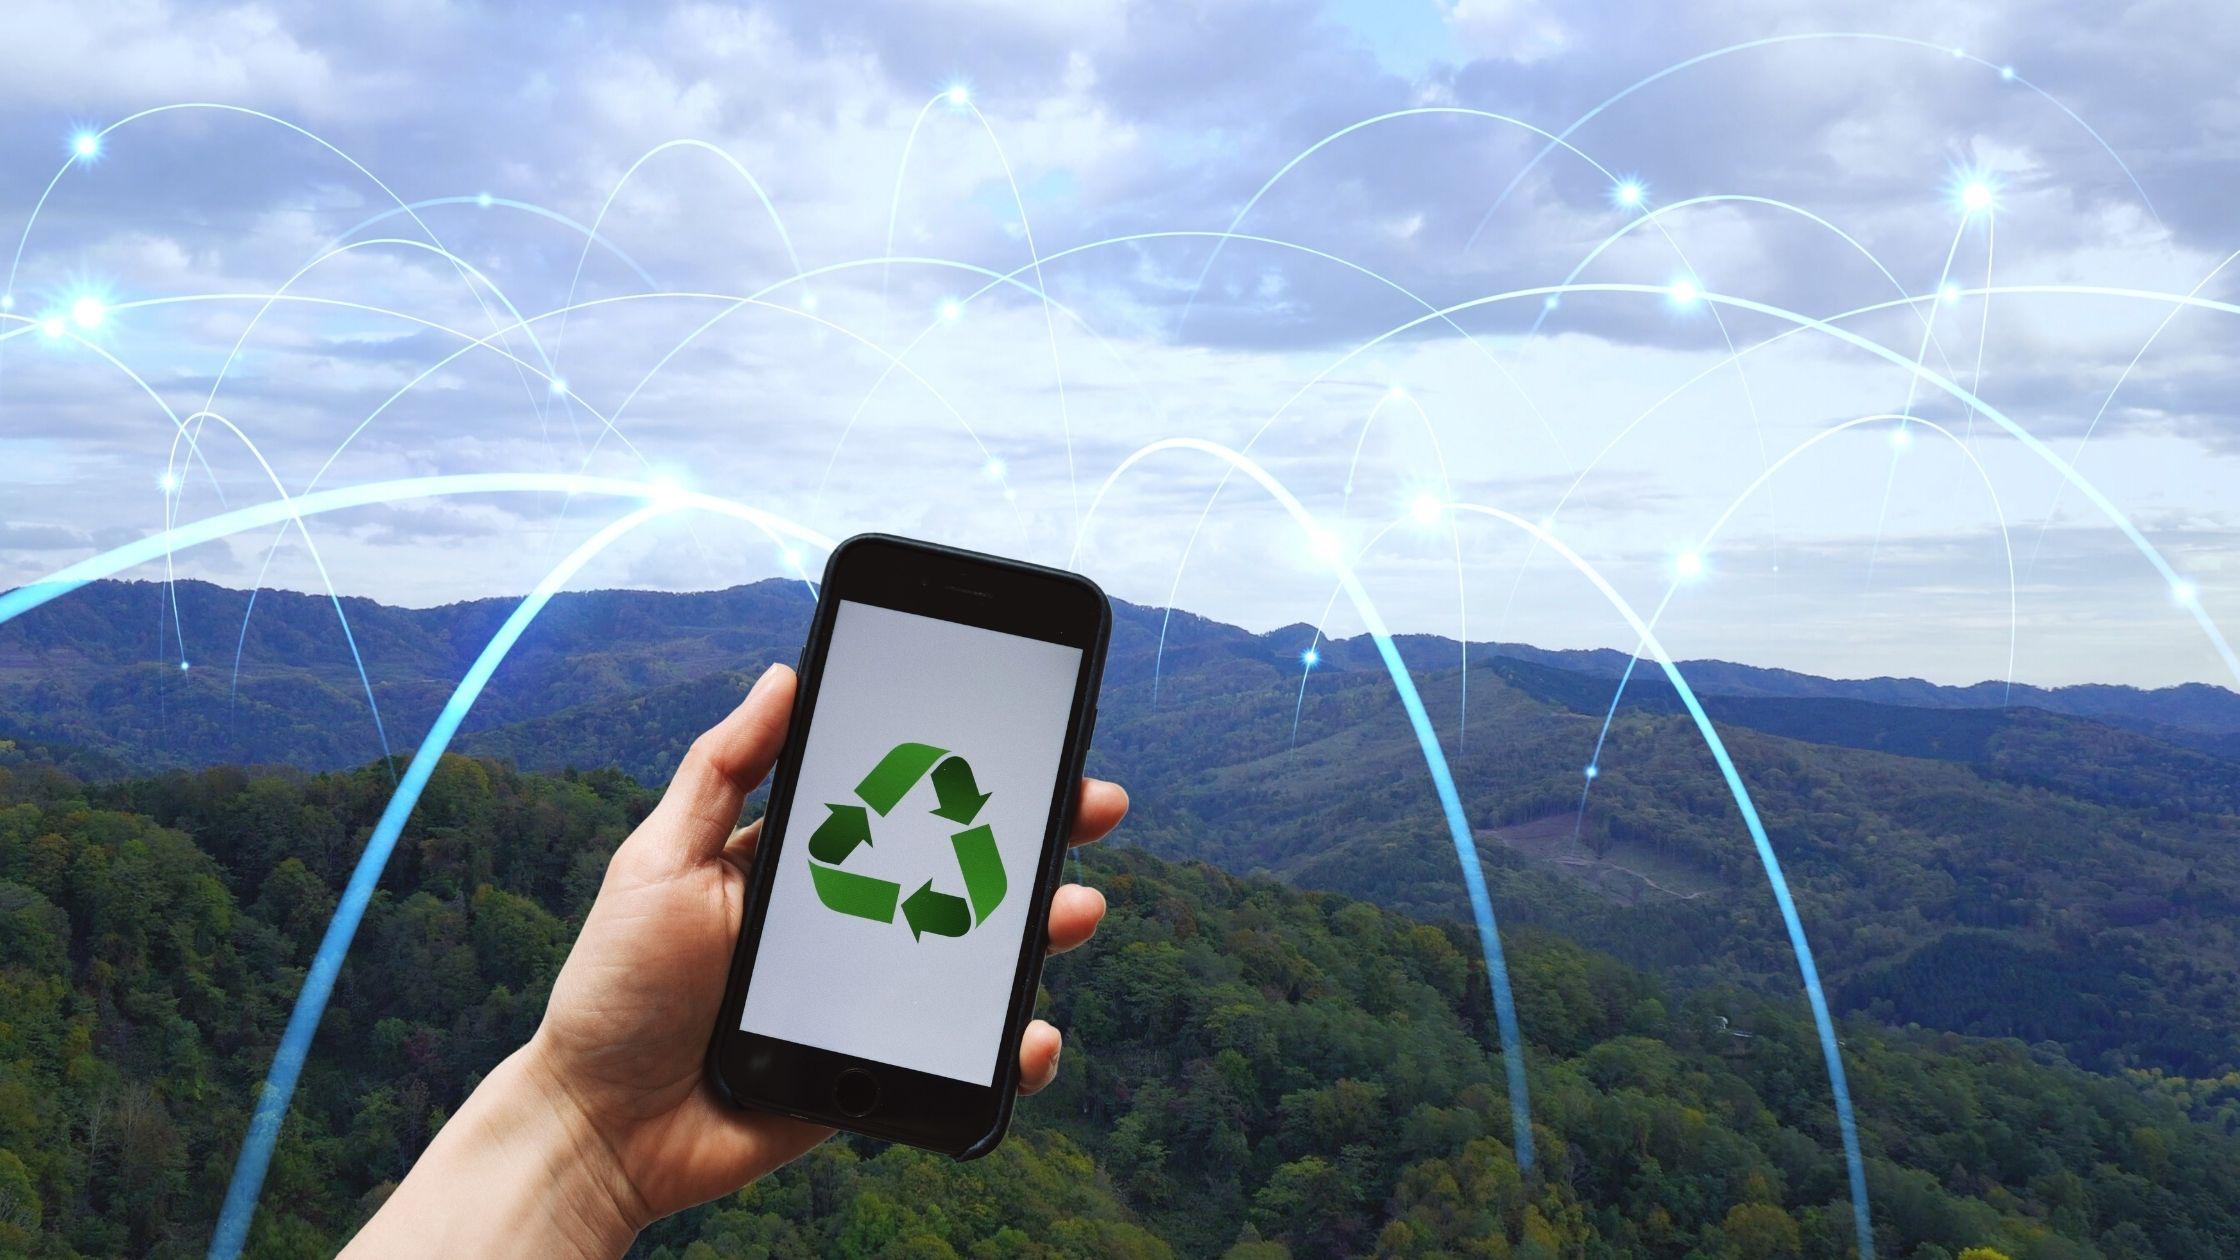 La Economía Circular clave en la sostenibilidad empresarial